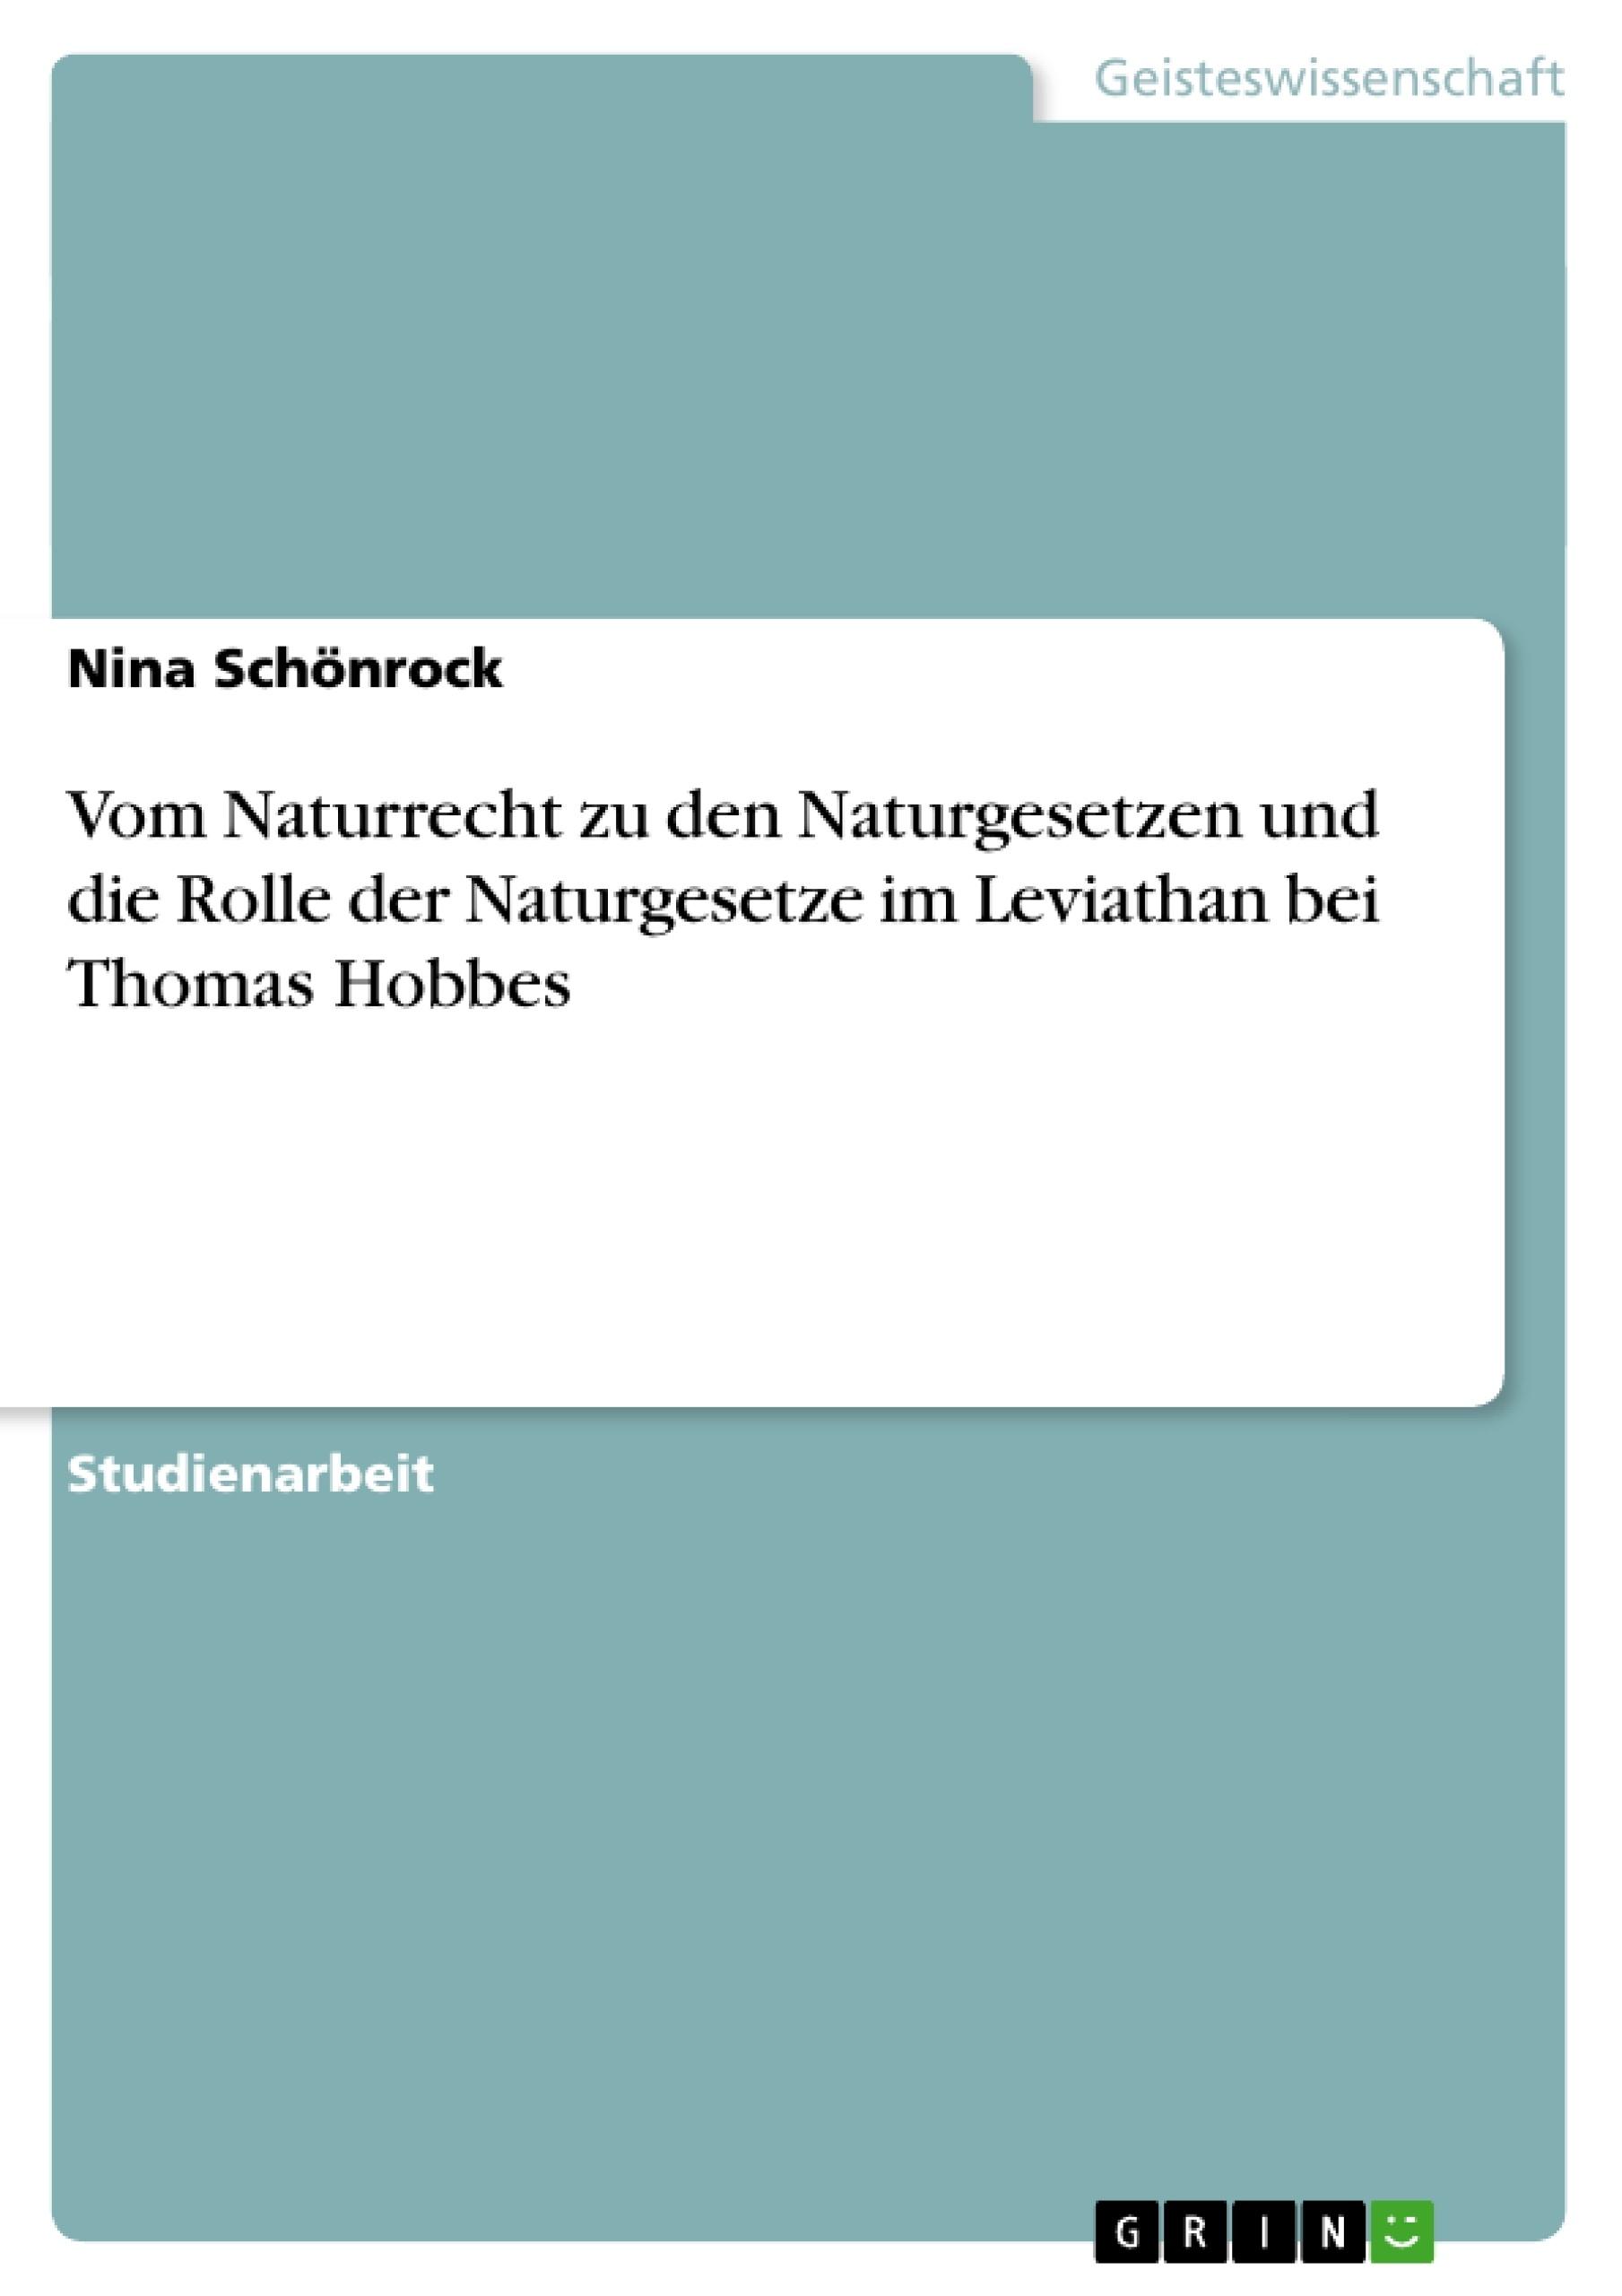 Titel: Vom Naturrecht zu den Naturgesetzen und die Rolle der Naturgesetze im Leviathan bei Thomas Hobbes